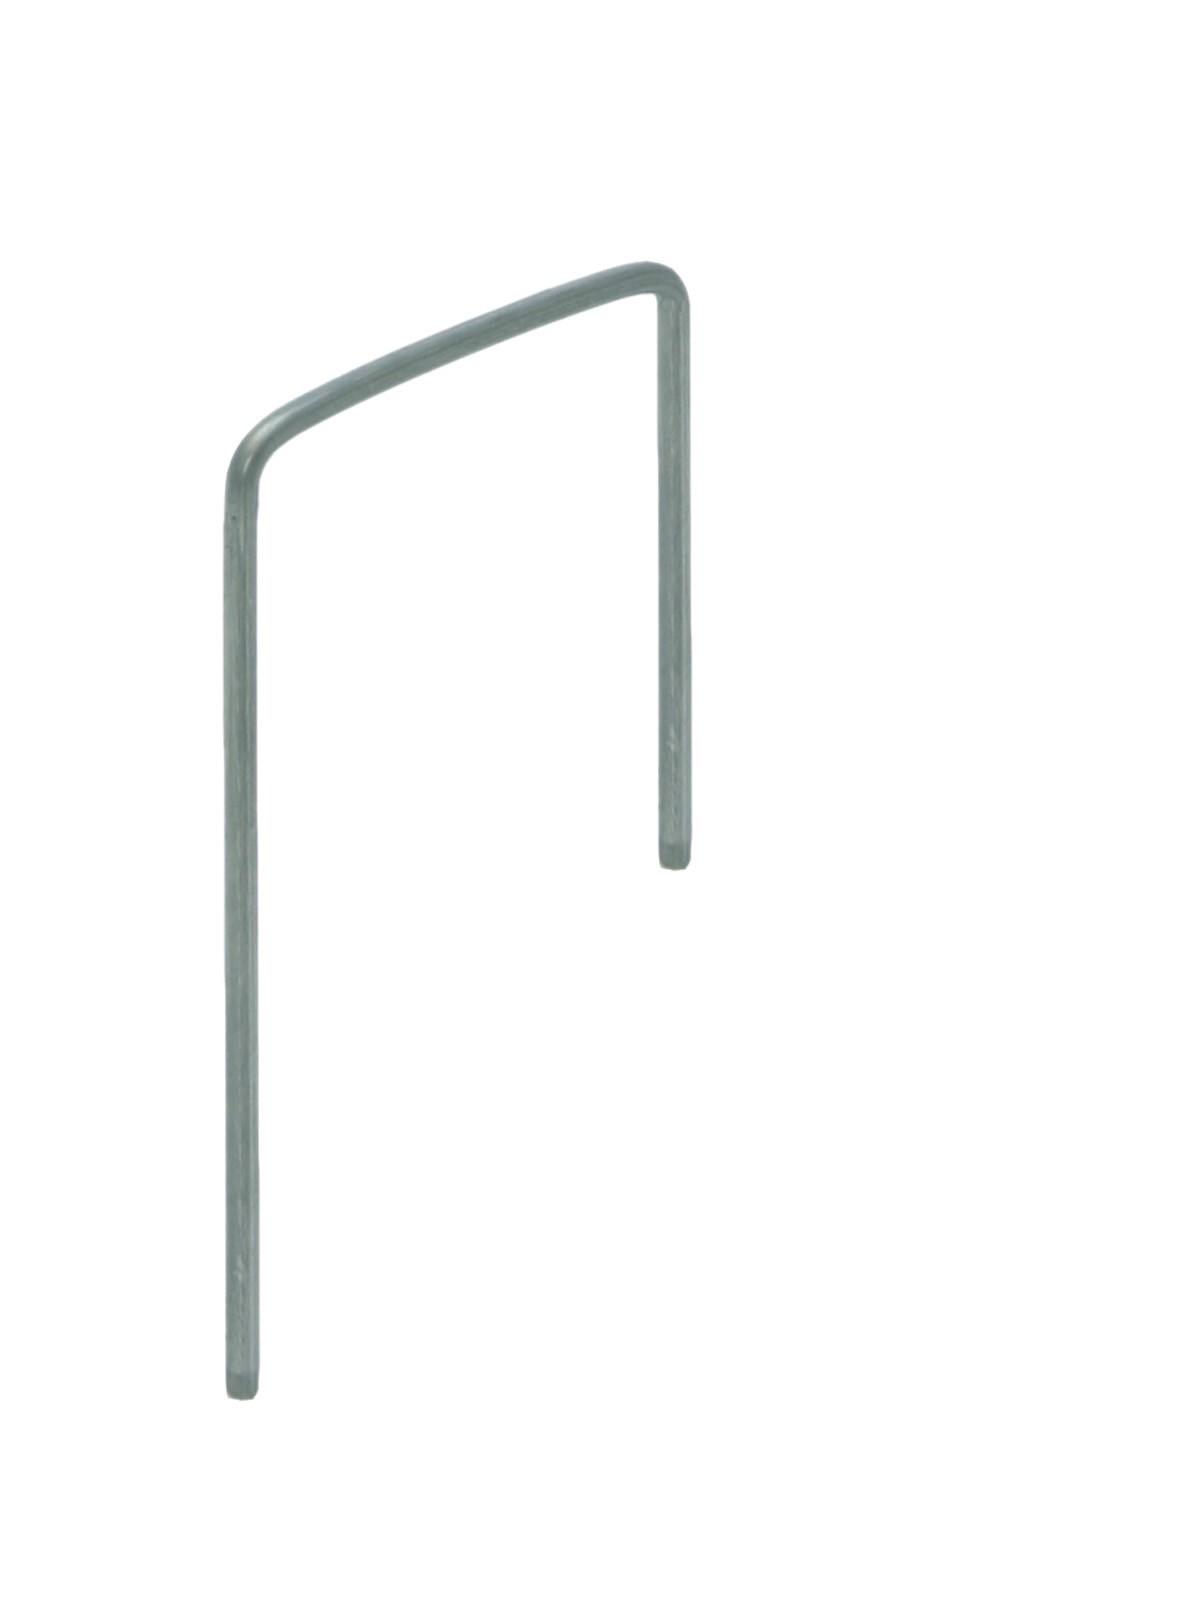 Crochet pour tuille 80x40x40 Ø3,6 VD